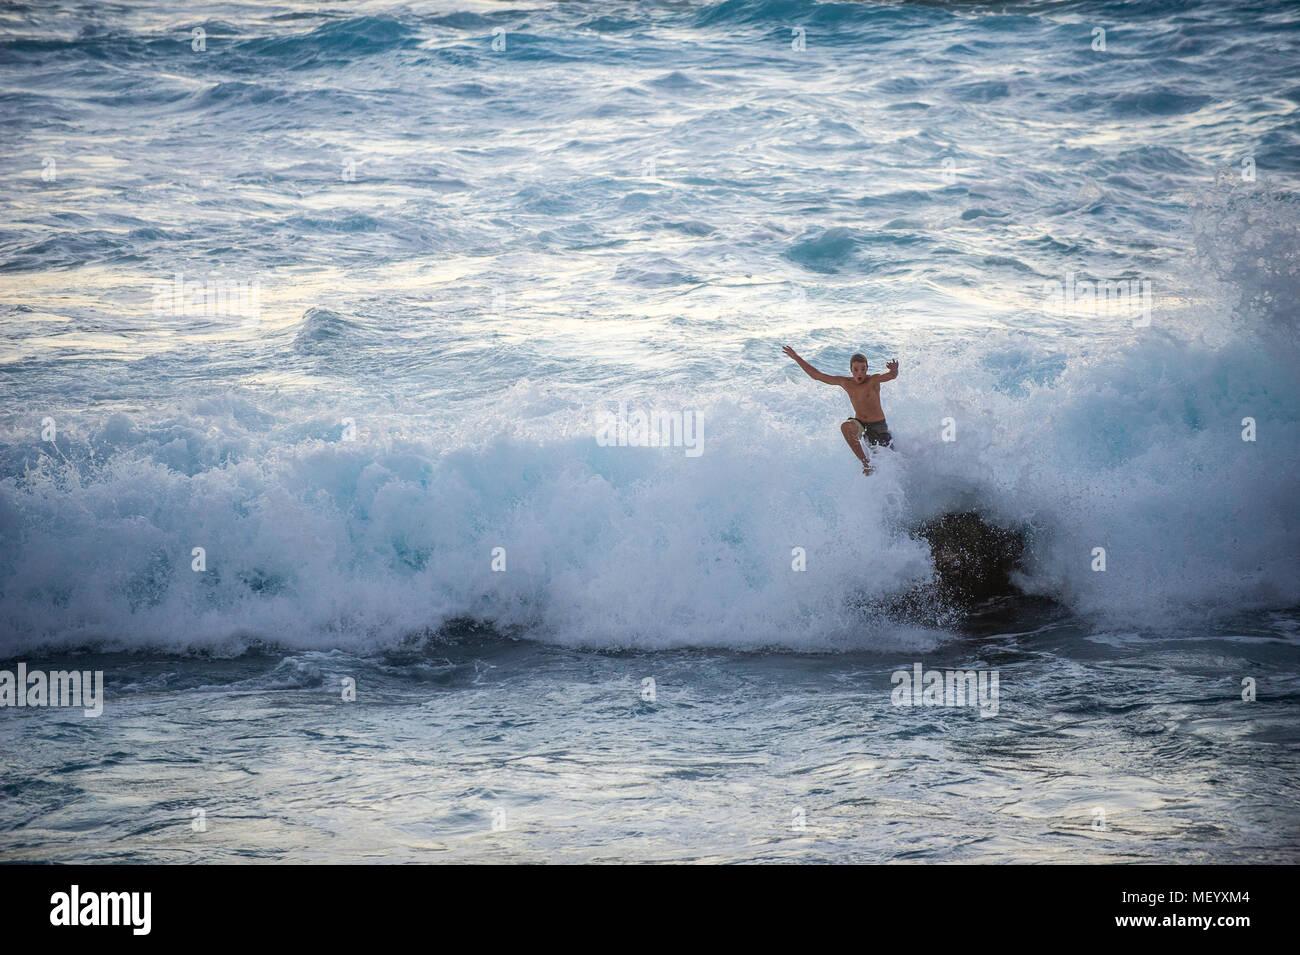 Un jeune homme passe dans une vague à la Pointe au sel à l'île de la réunion dans l'Océan Indien. Photo Stock